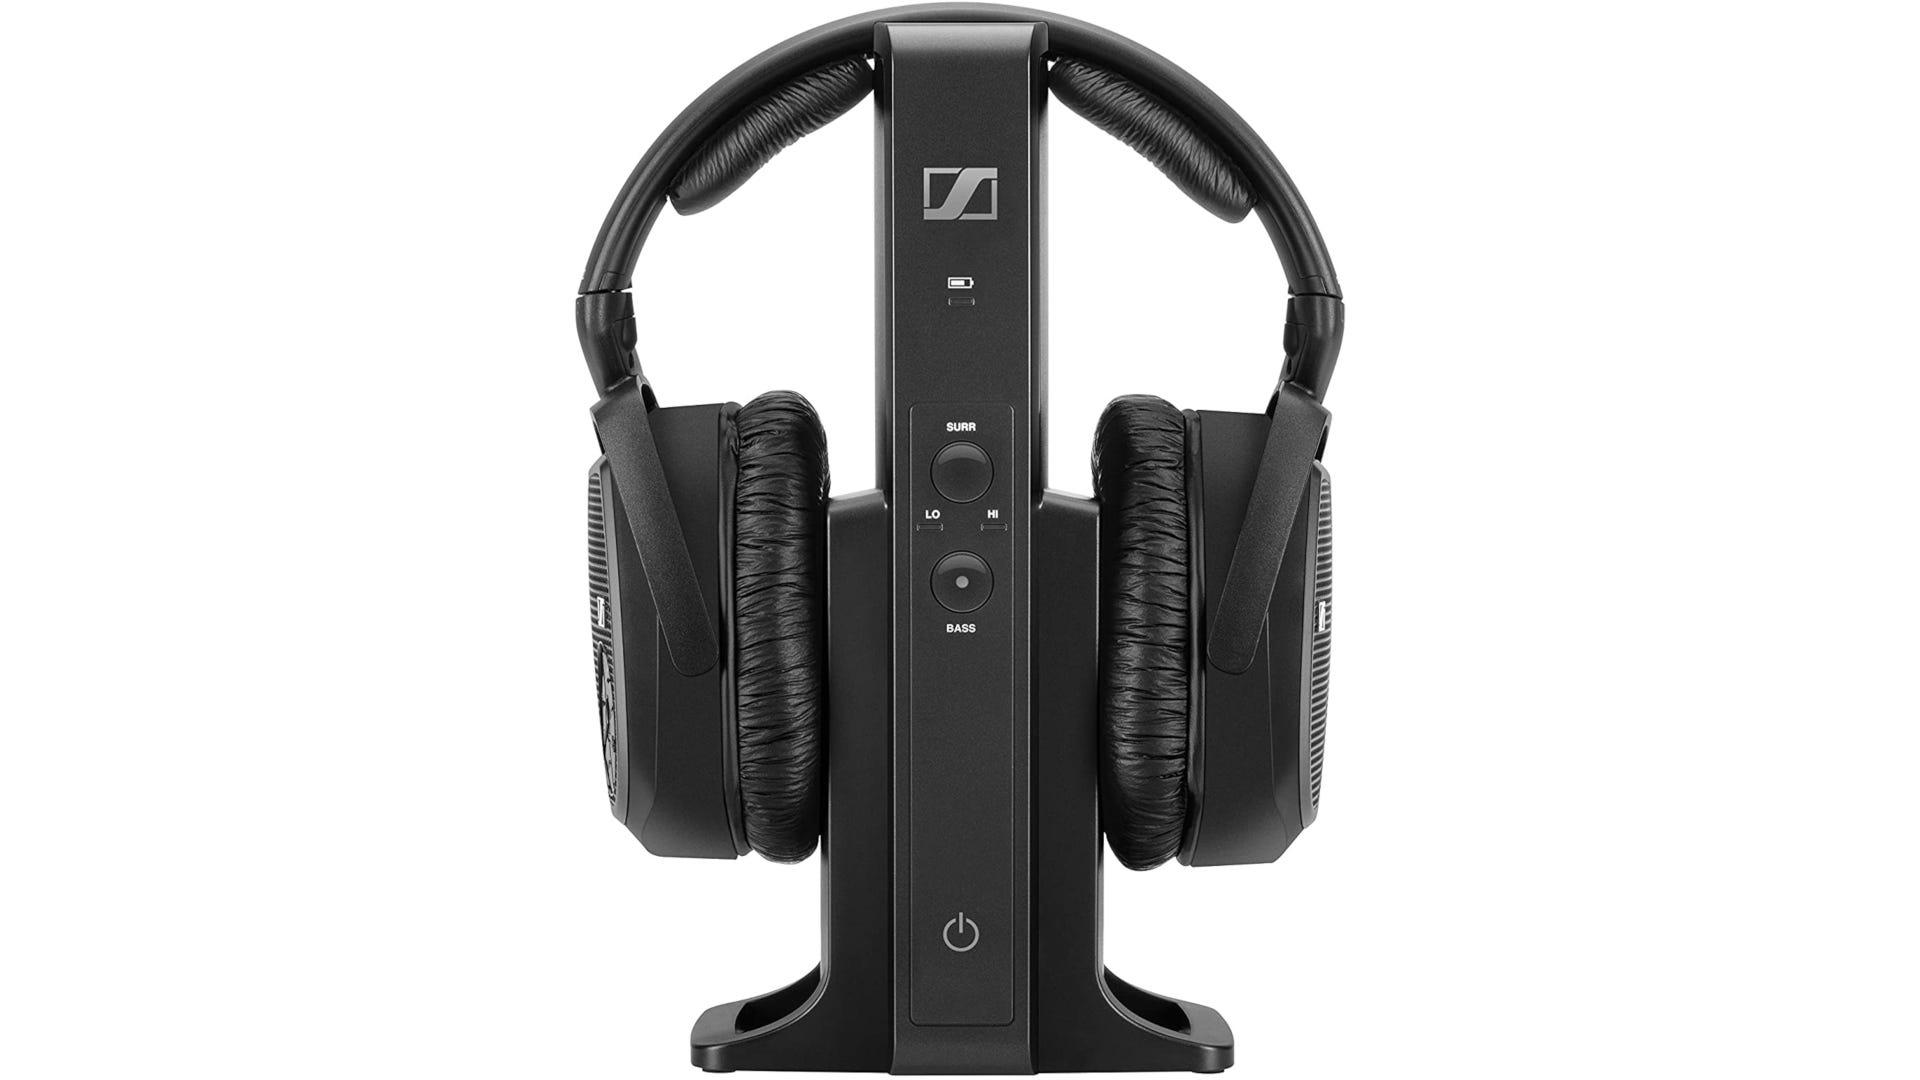 Black Kleer audio wireless over-ear headphones with receiver